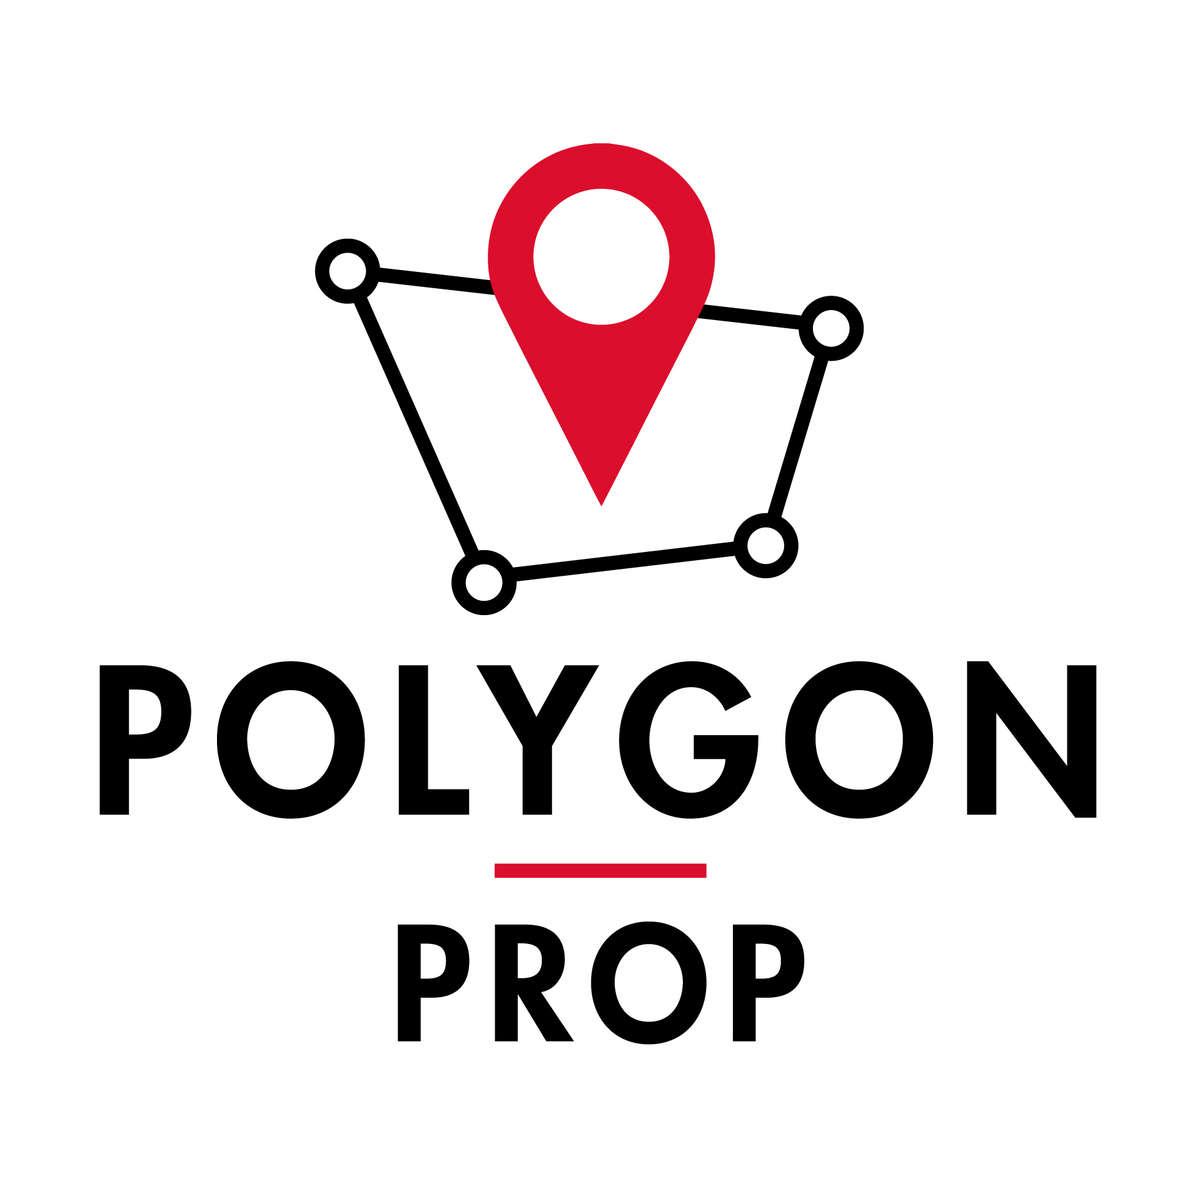 PolygonProp